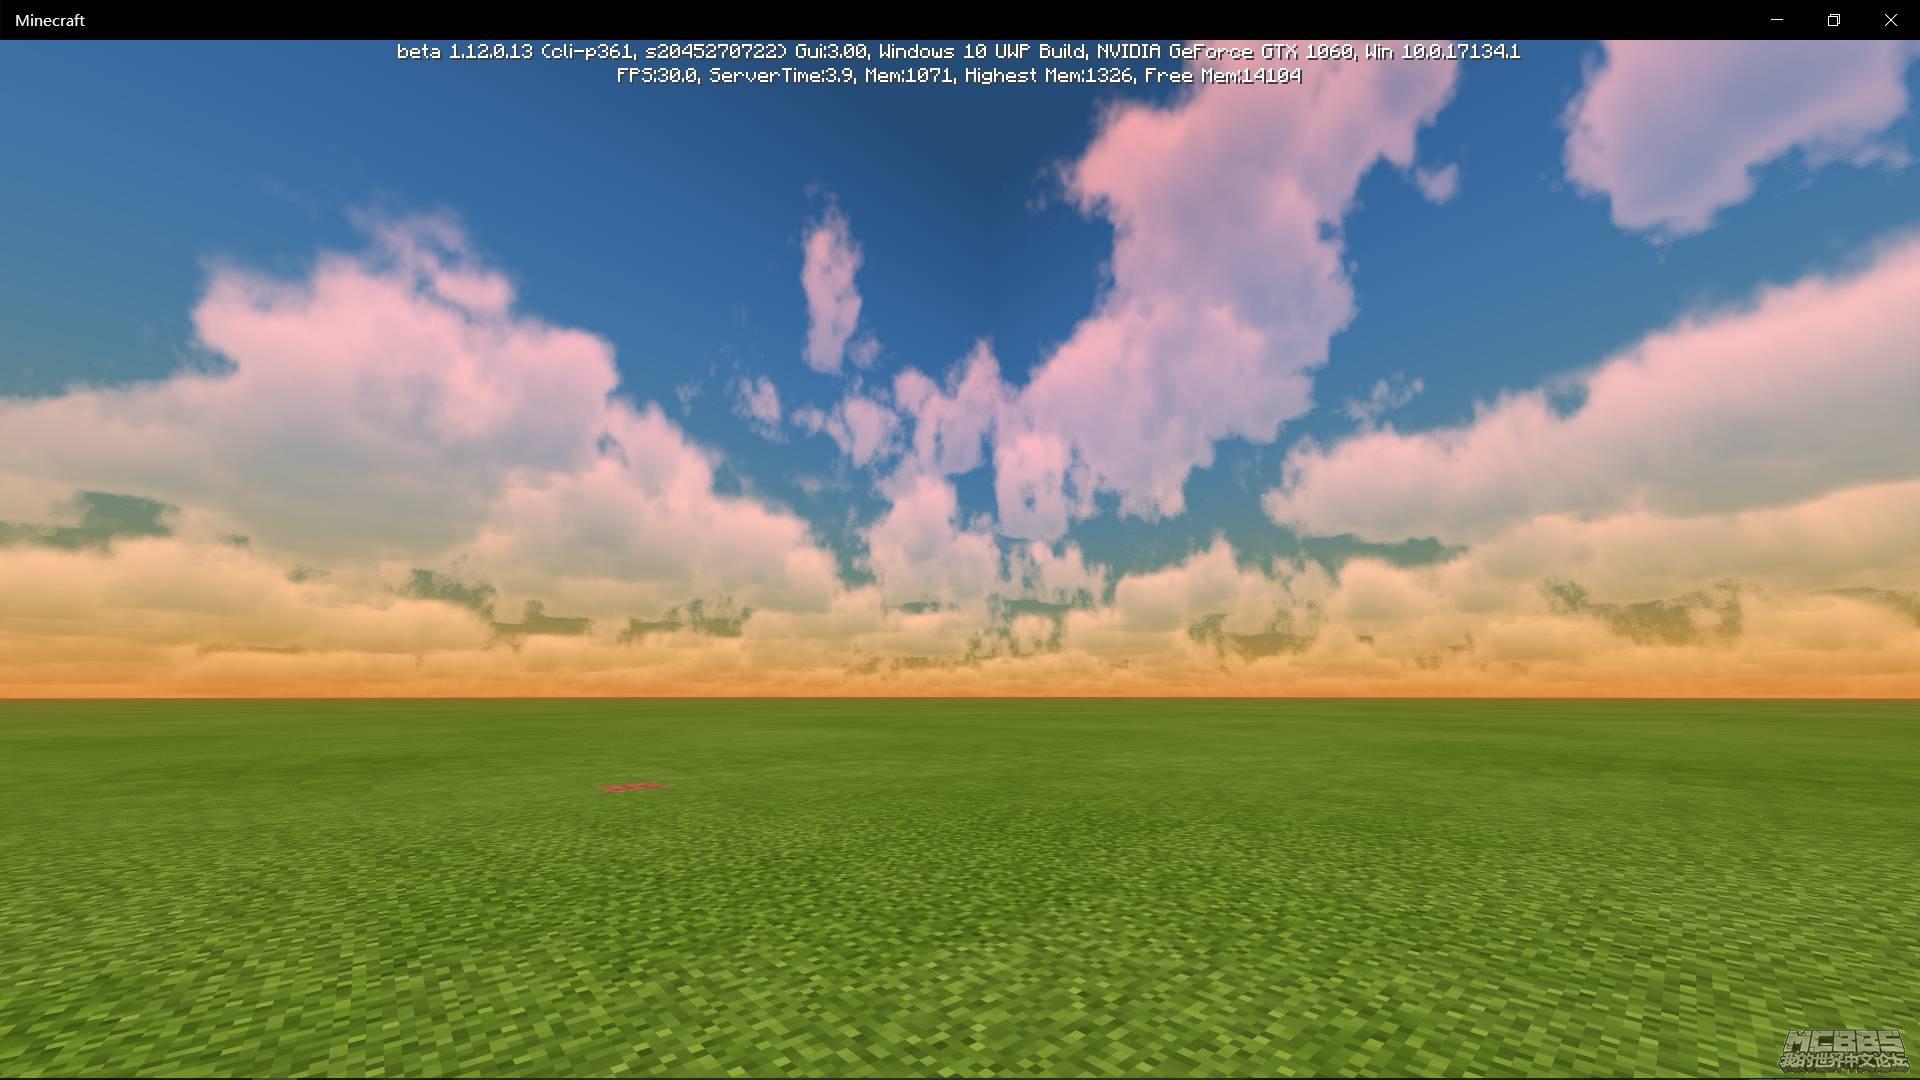 file_1561780936000.jpg